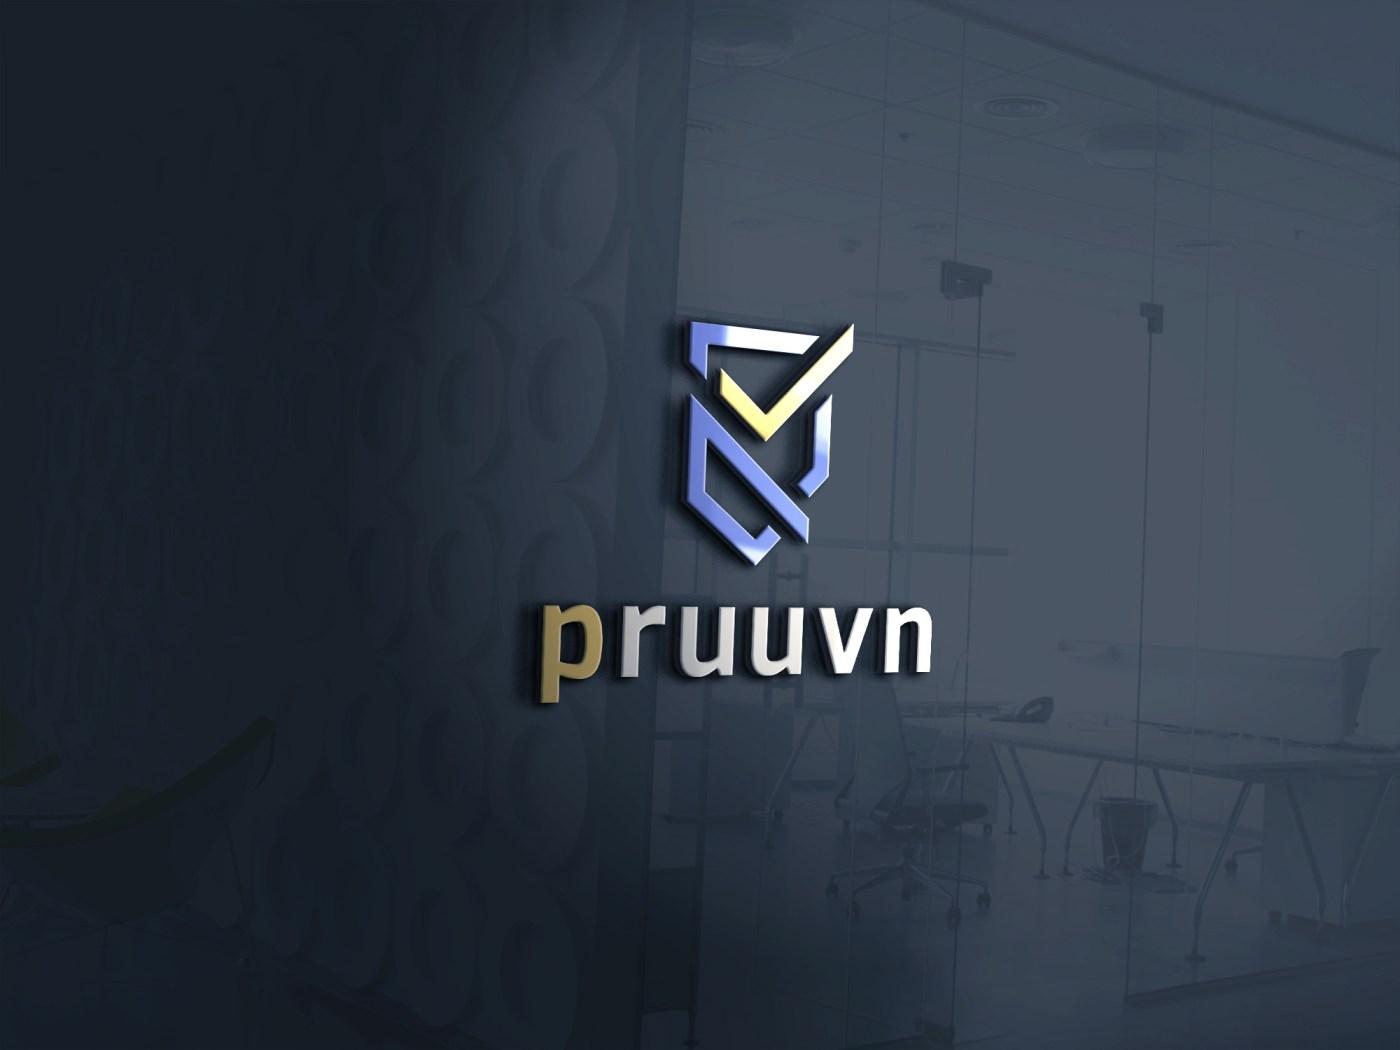 pruuvn startup